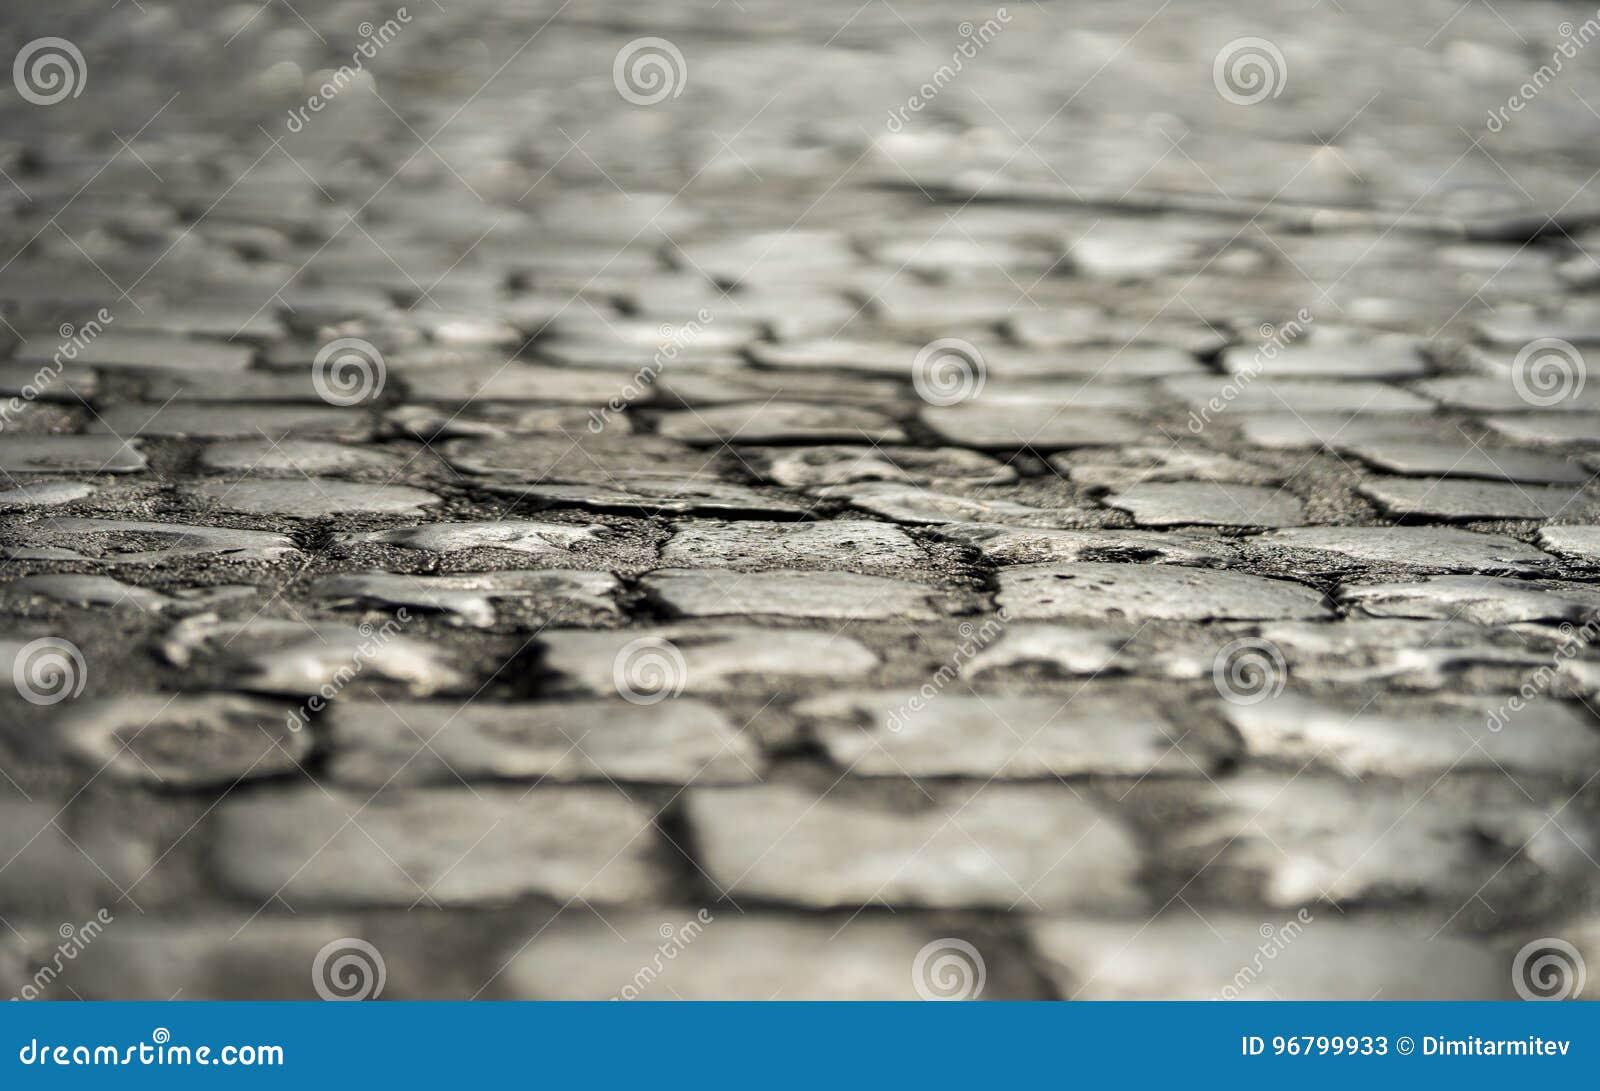 Stary rzymski kamienny bruk w śródmieściu Rzym, Włochy Czerwiec 20